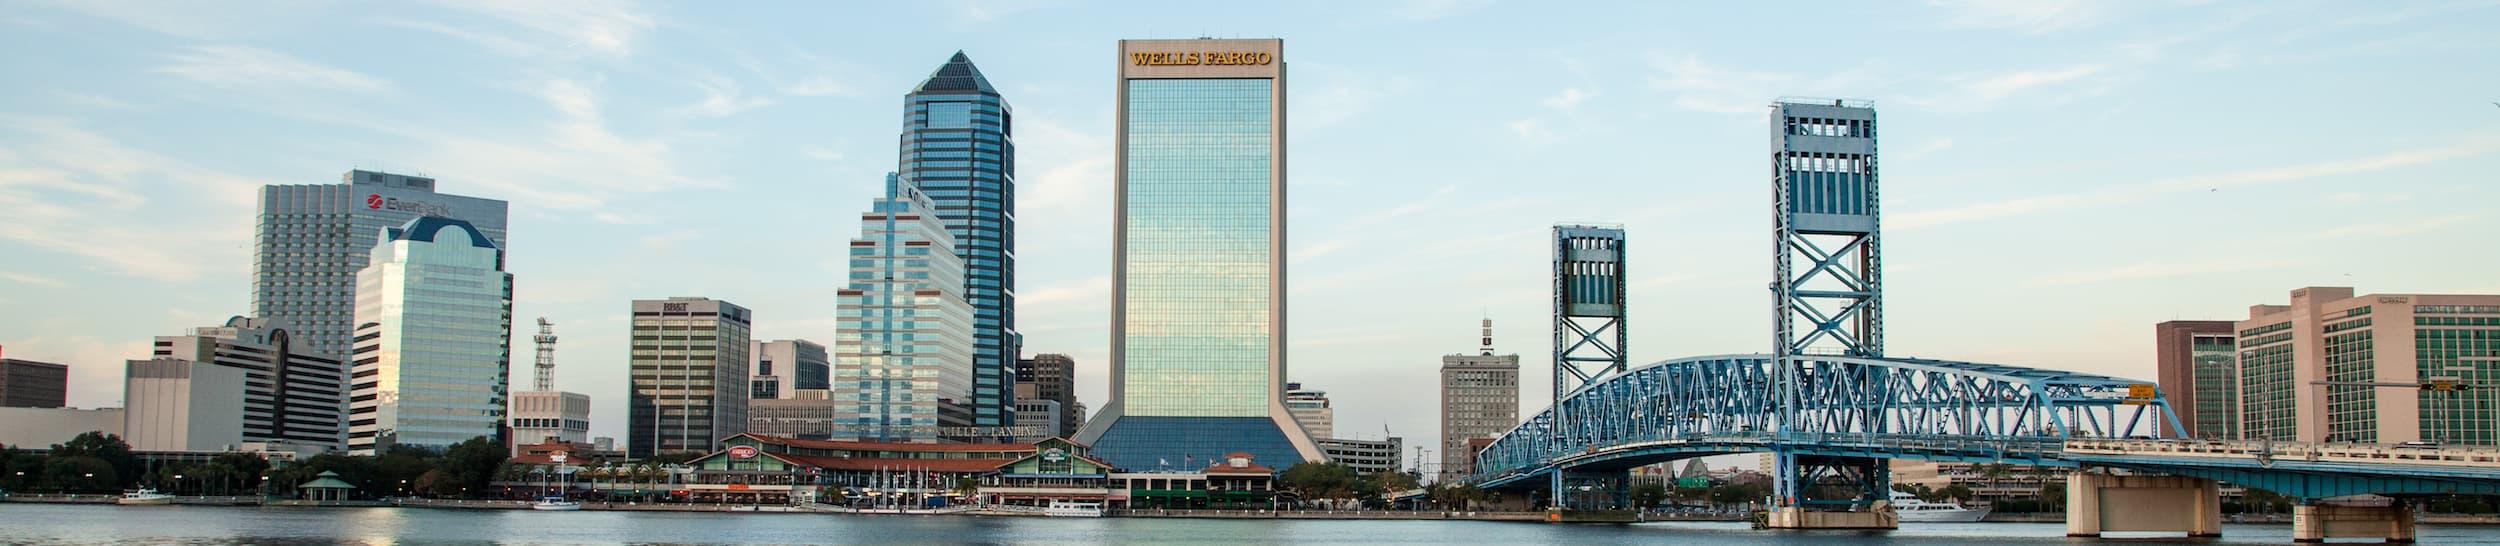 Skyline of Jacksonville